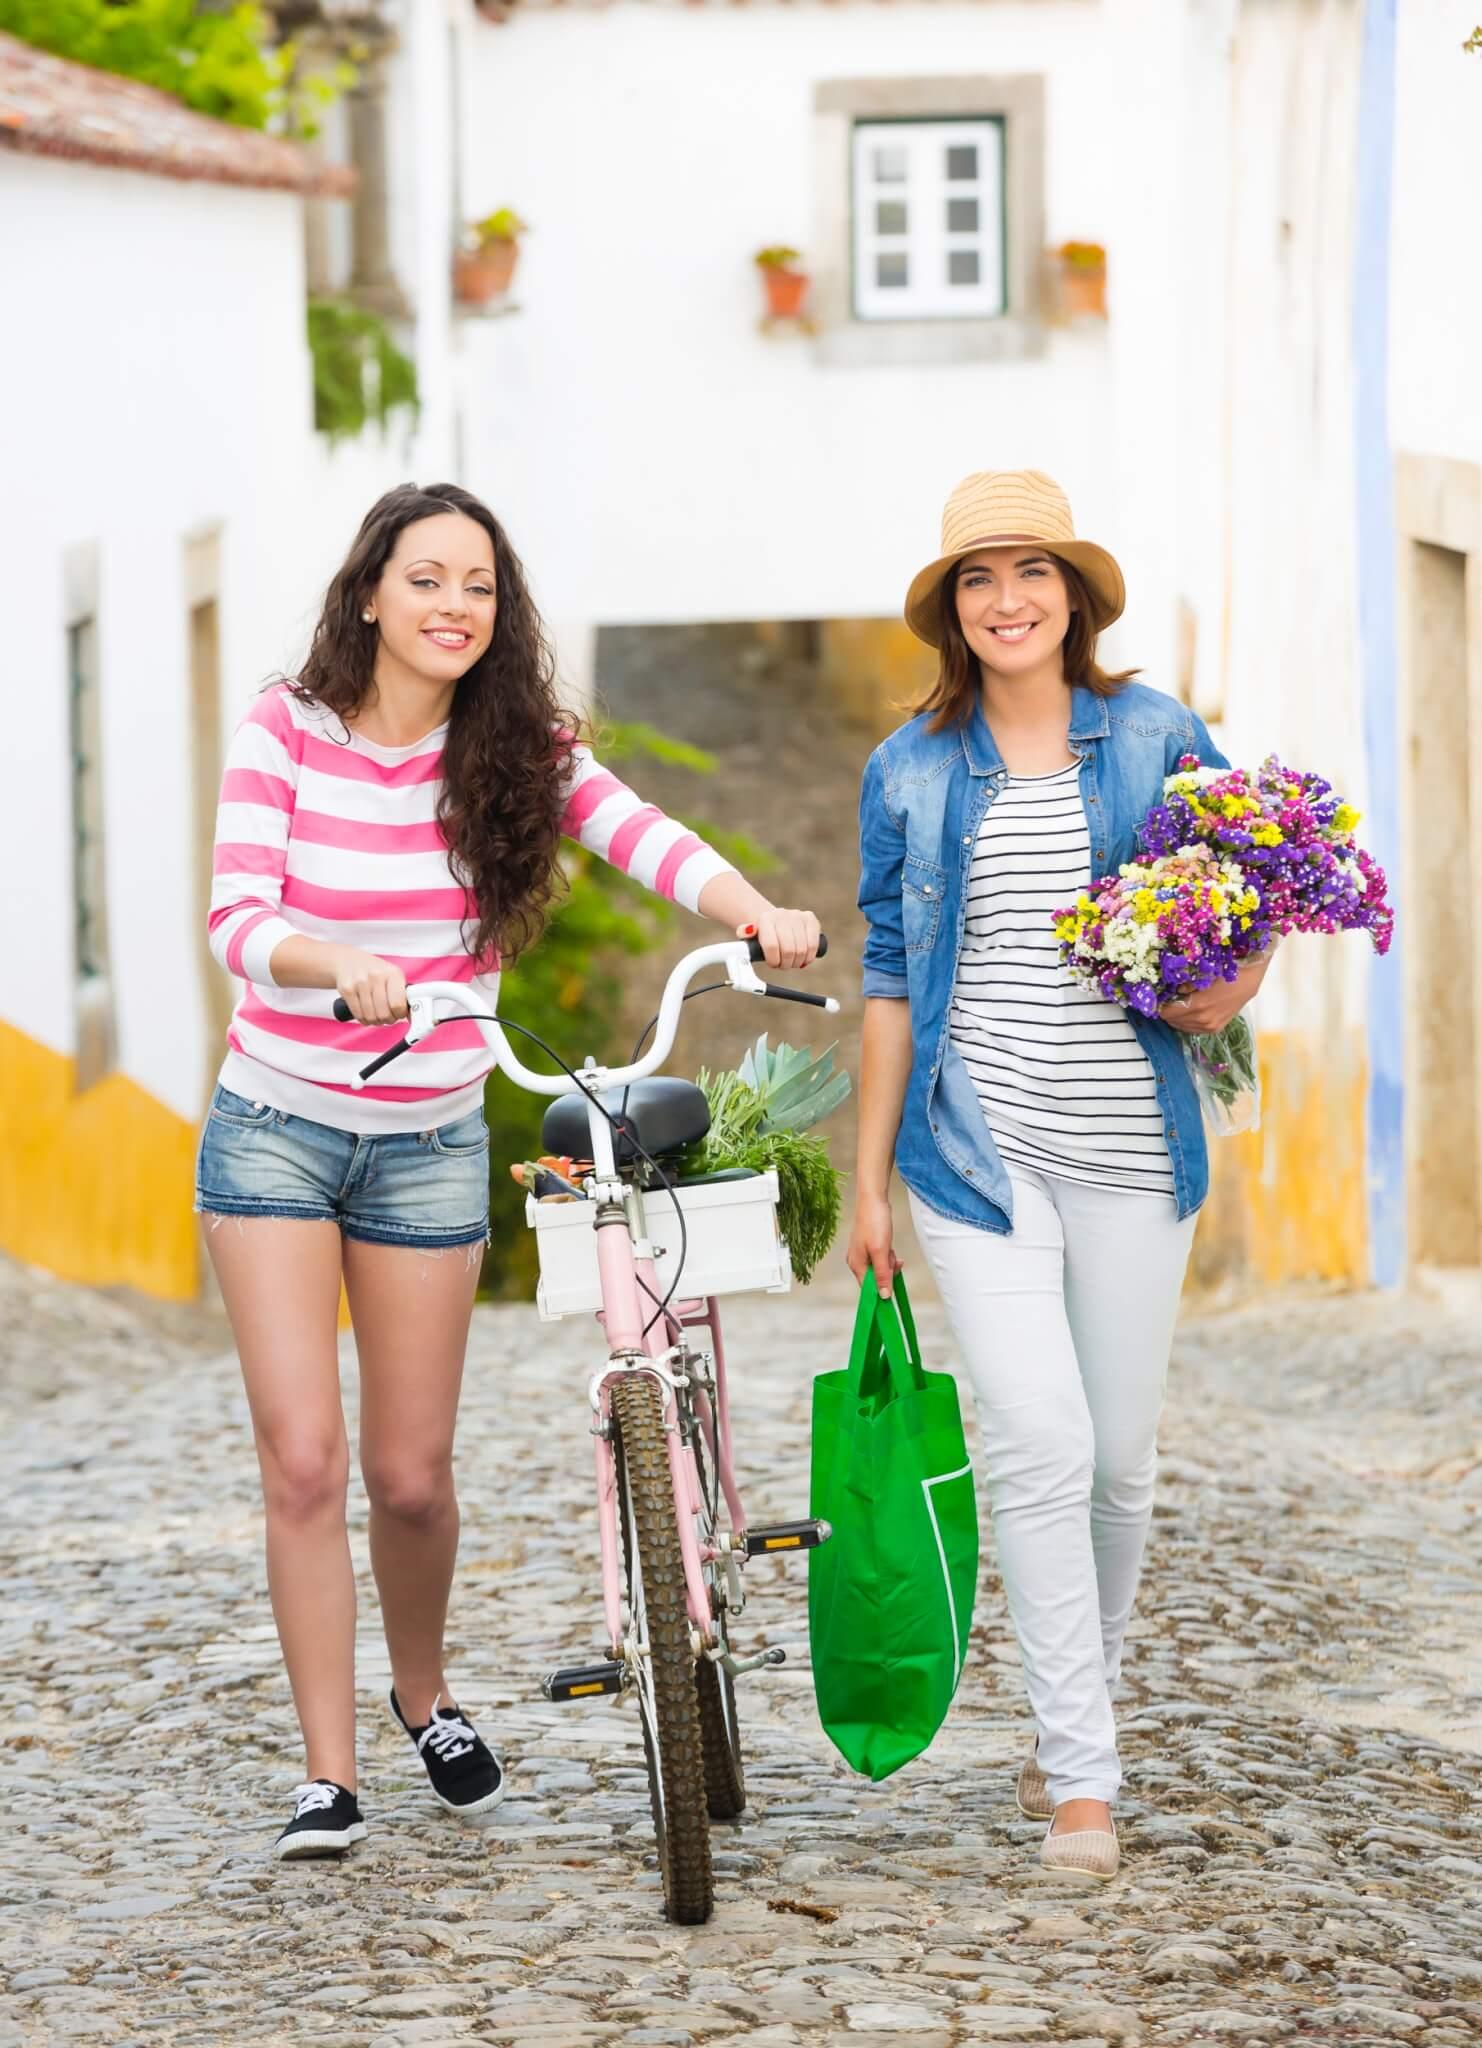 Freundinnen Kaufen Blumen